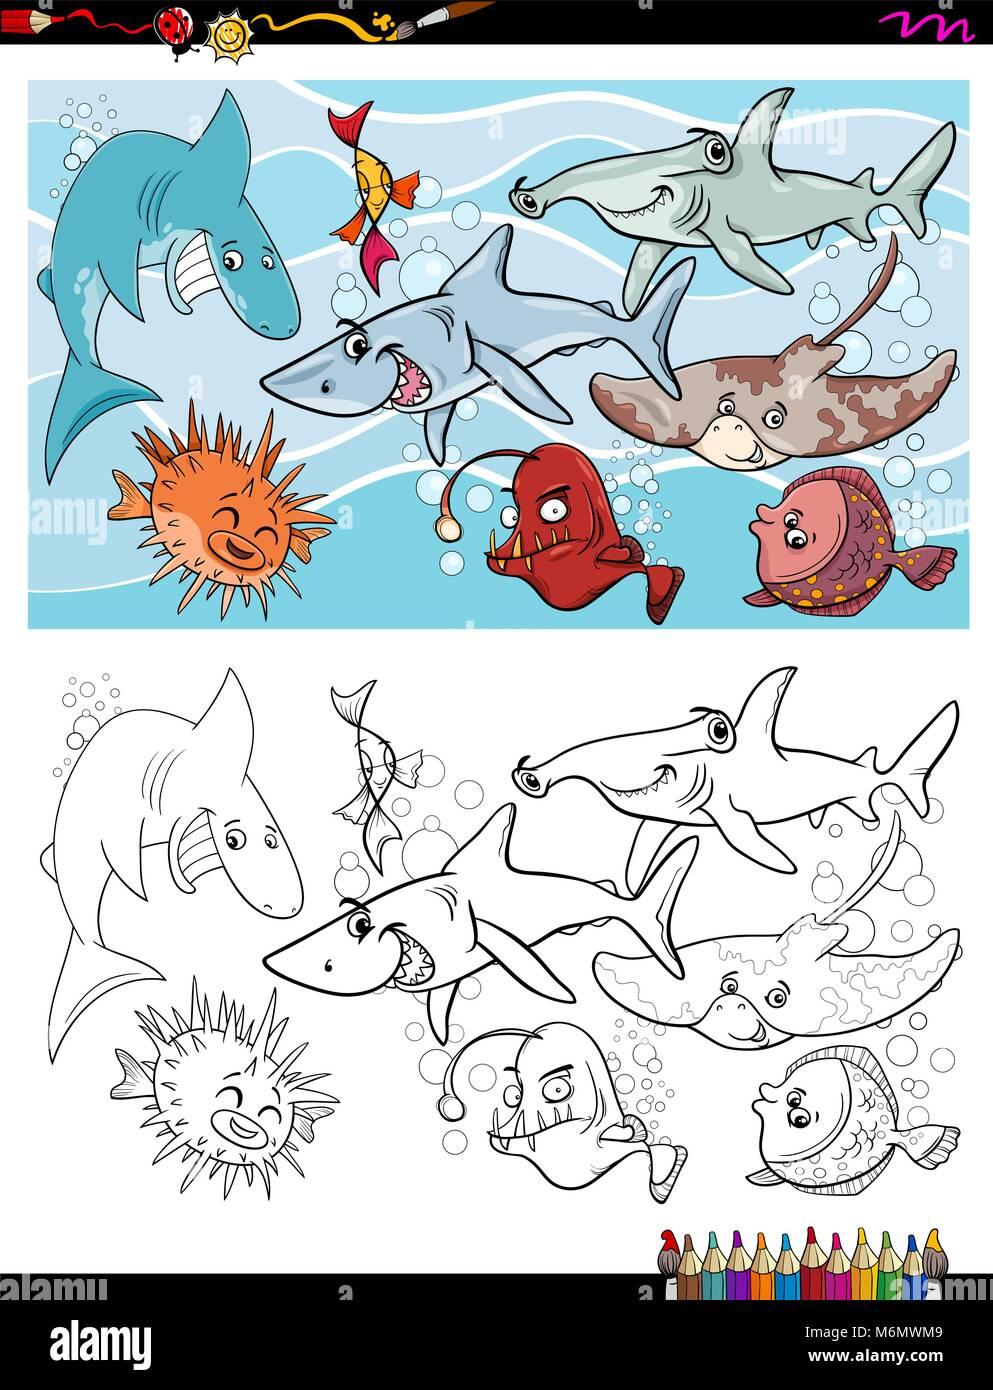 Sea Life Animals Group Coloring Imágenes De Stock & Sea Life Animals ...